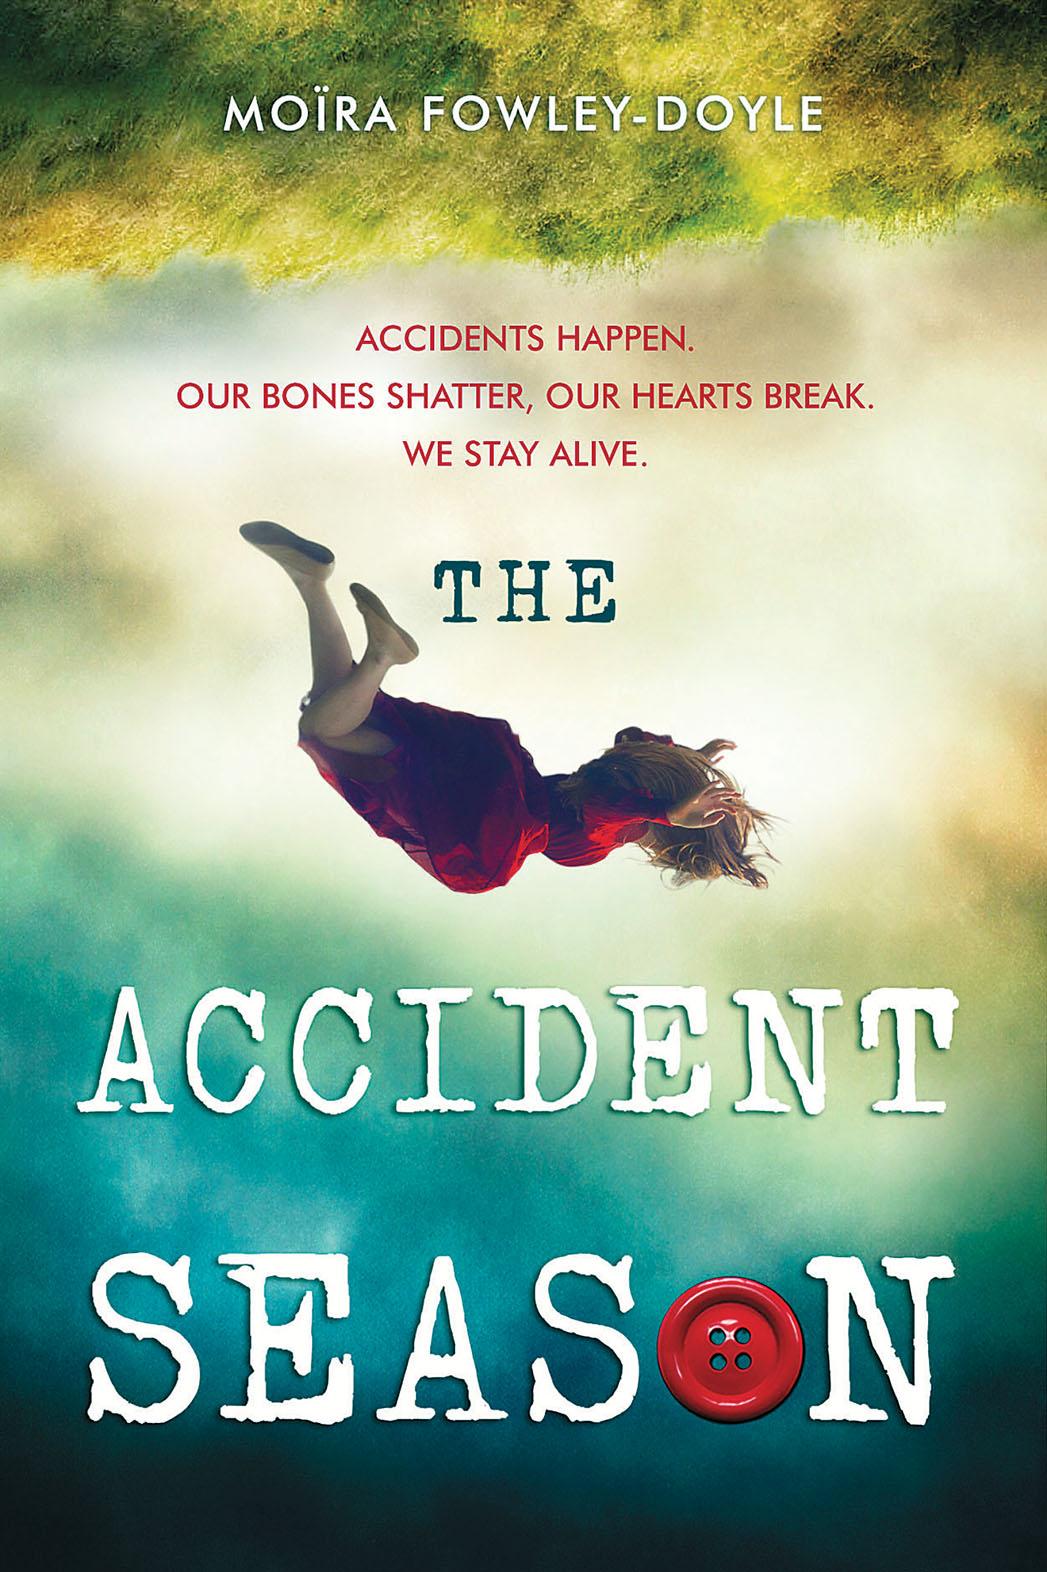 The Accident Season - P 2015